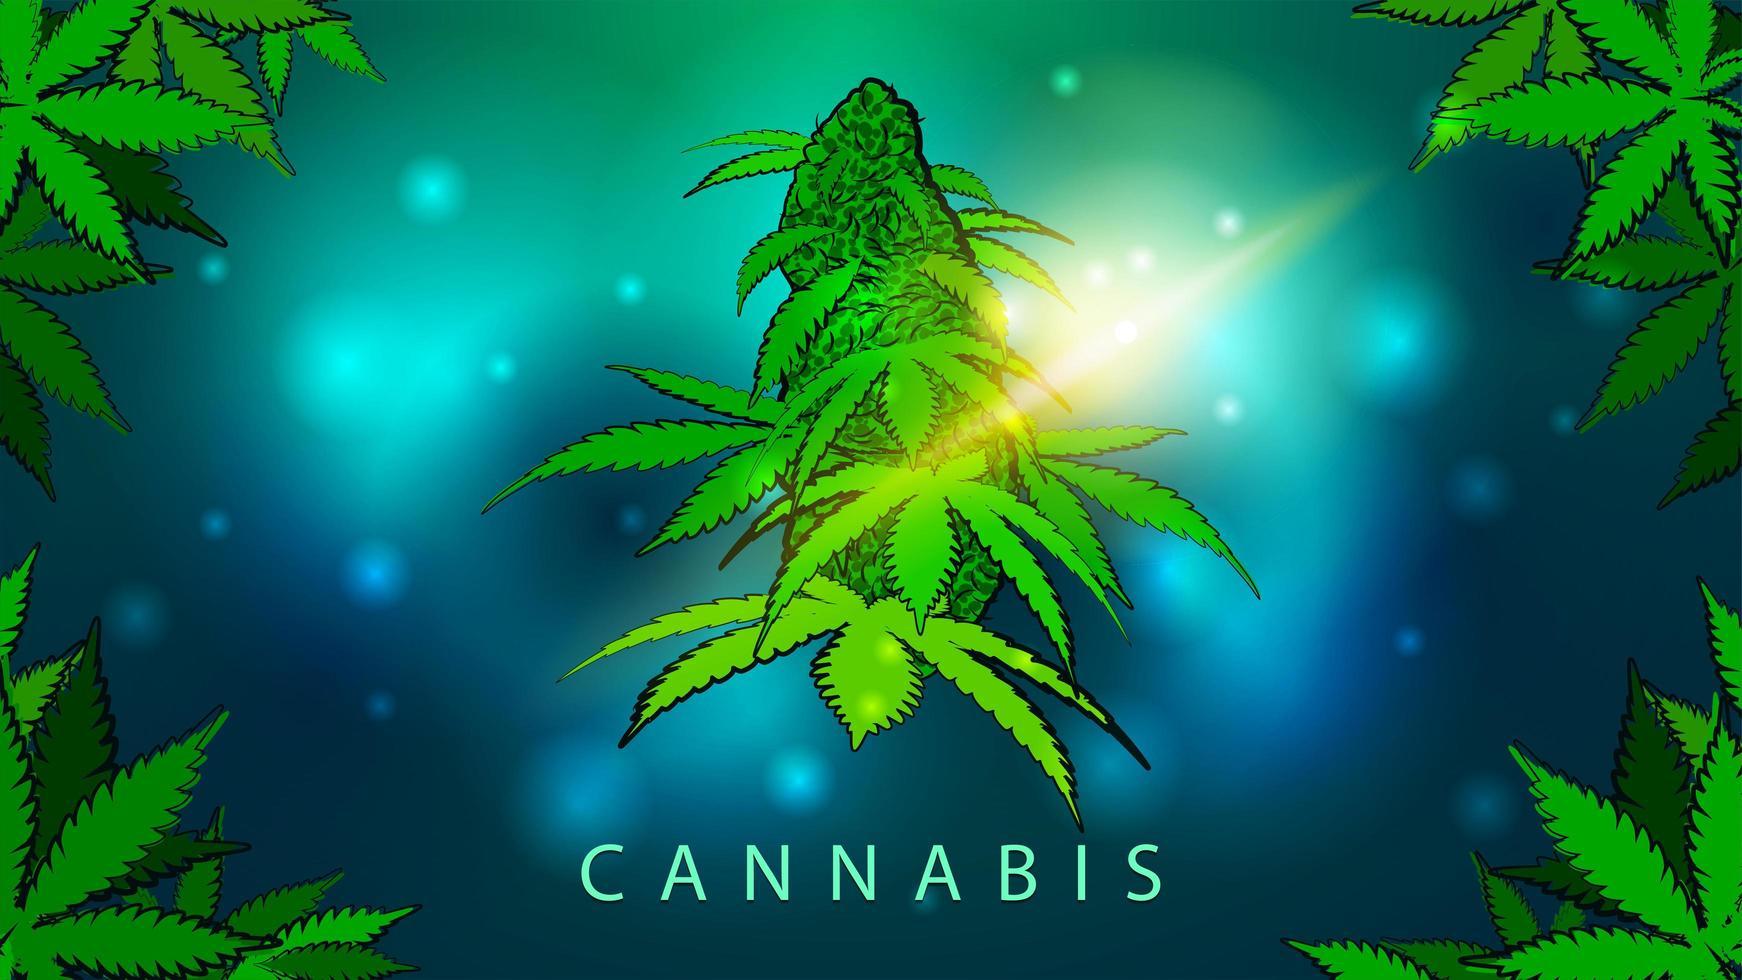 ilustração brilhante verde e azul com flor de cannabis vetor